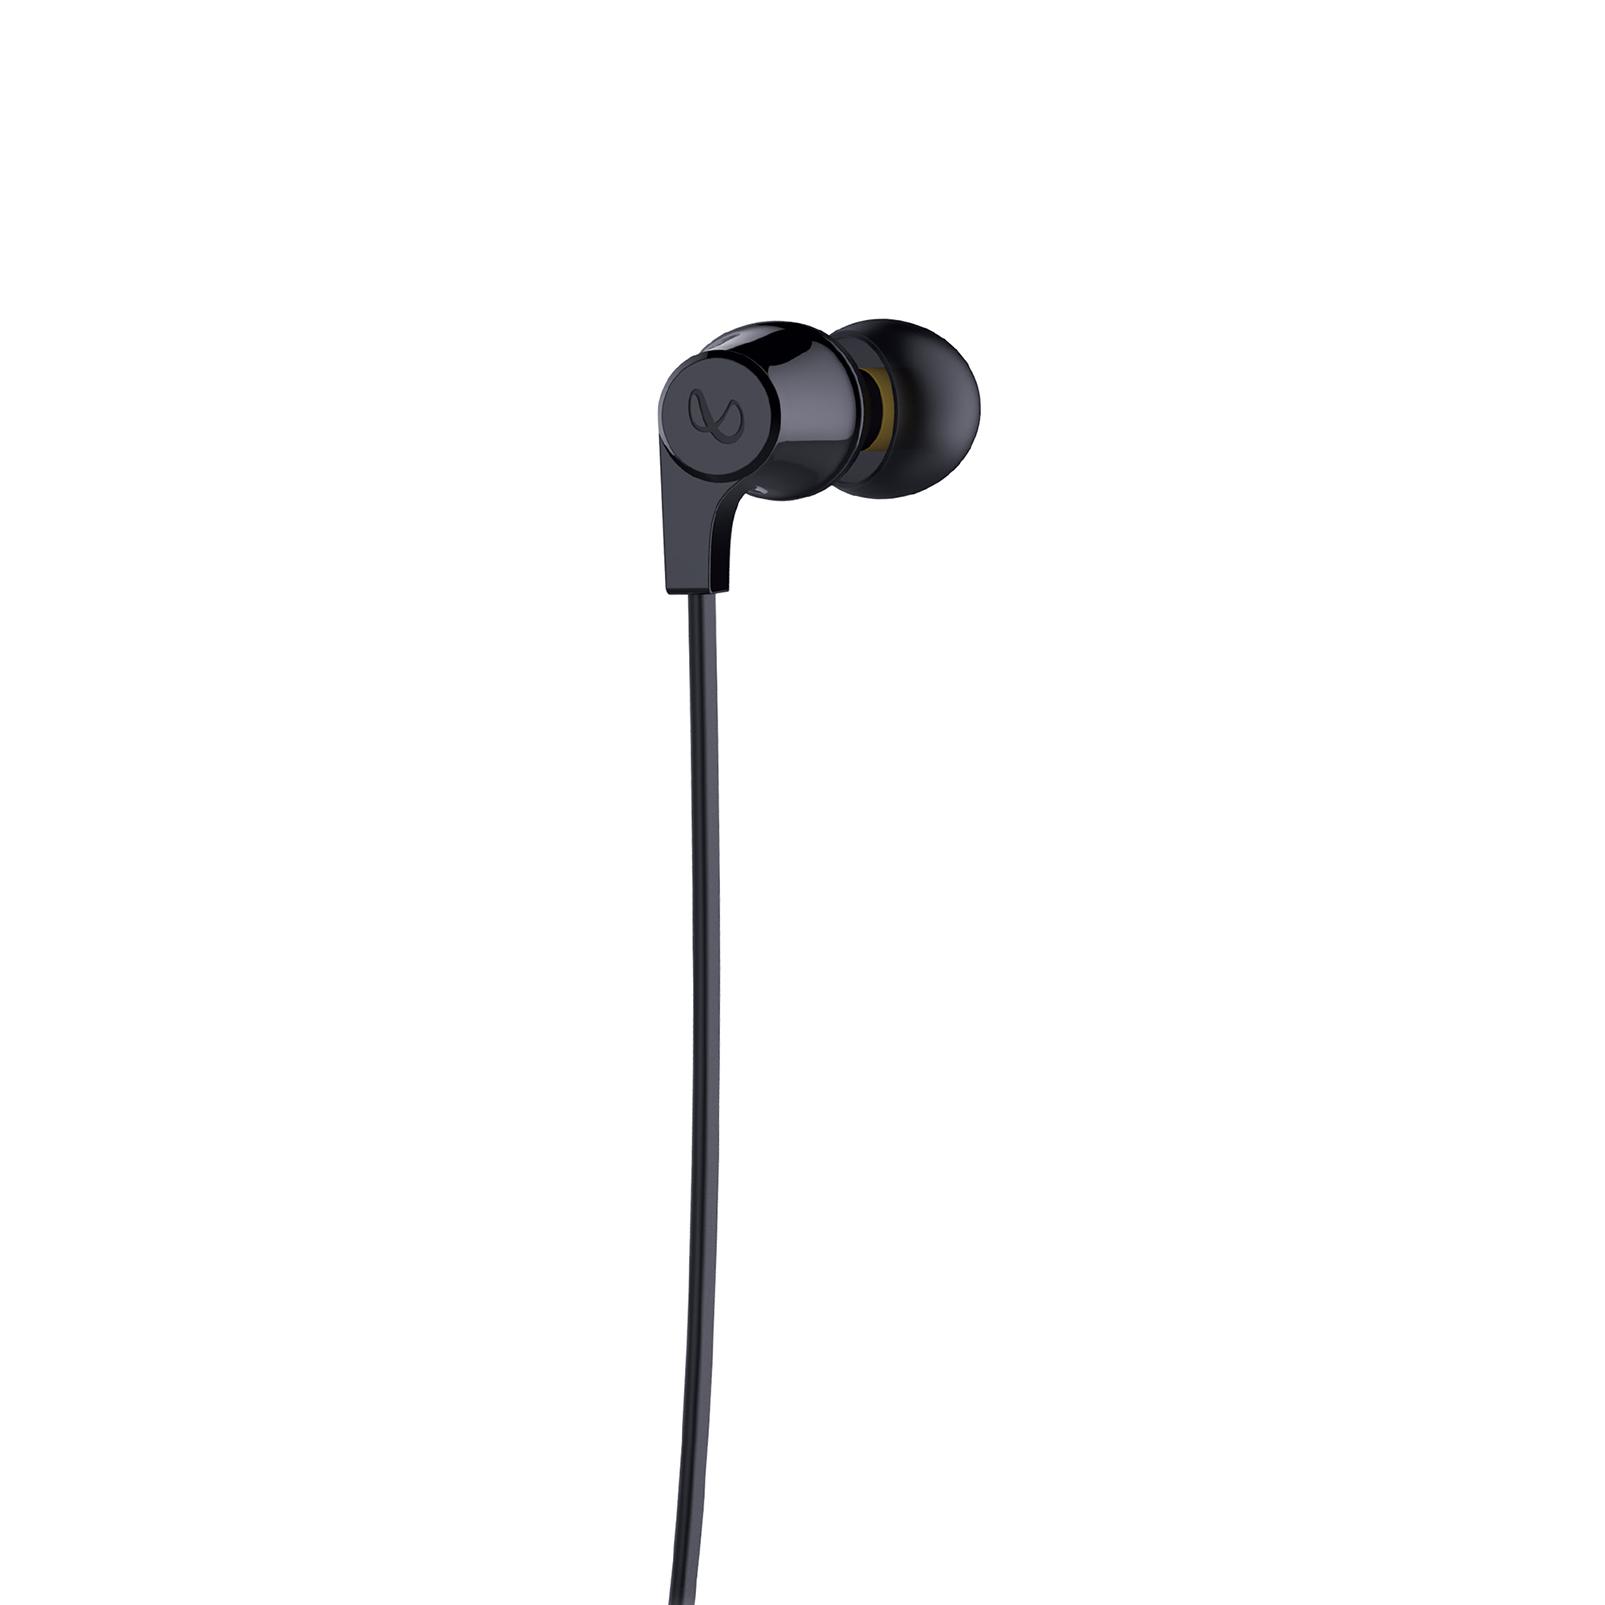 INFINITY GLIDE 105 - Black - In-Ear Wireless Headphones - Back